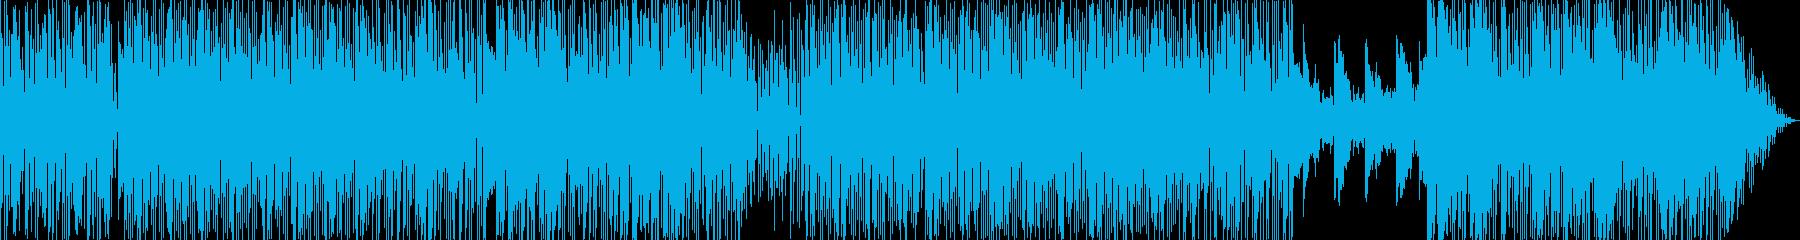 ラテン系の楽しいEDMの再生済みの波形